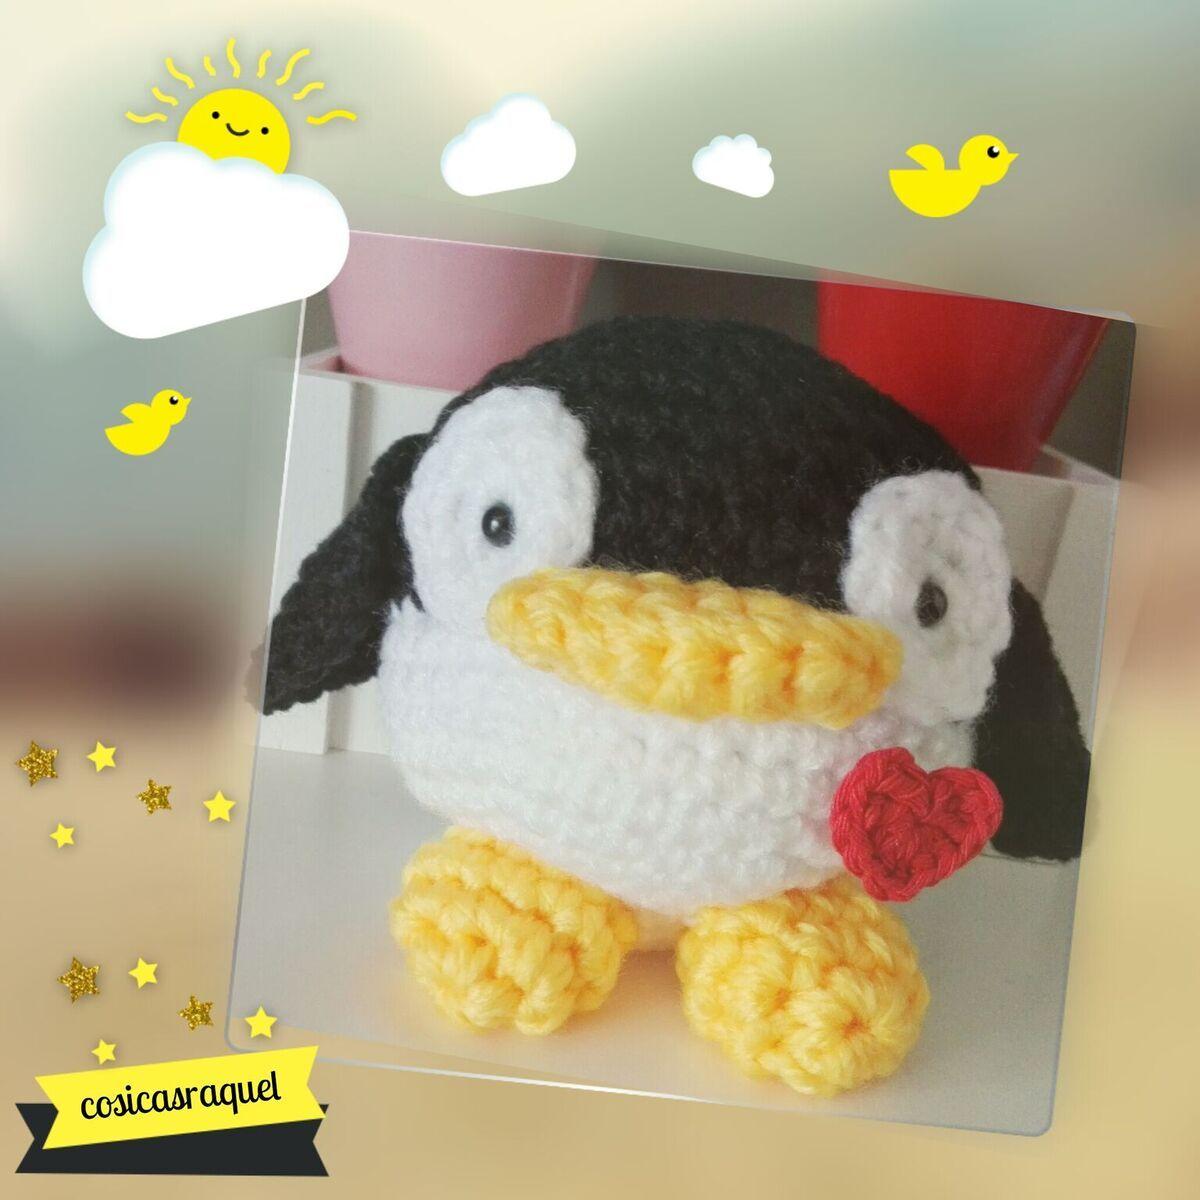 Patrón gratuito cosicasraquel: Pingüino Amigurumi   cosicasraquel ...